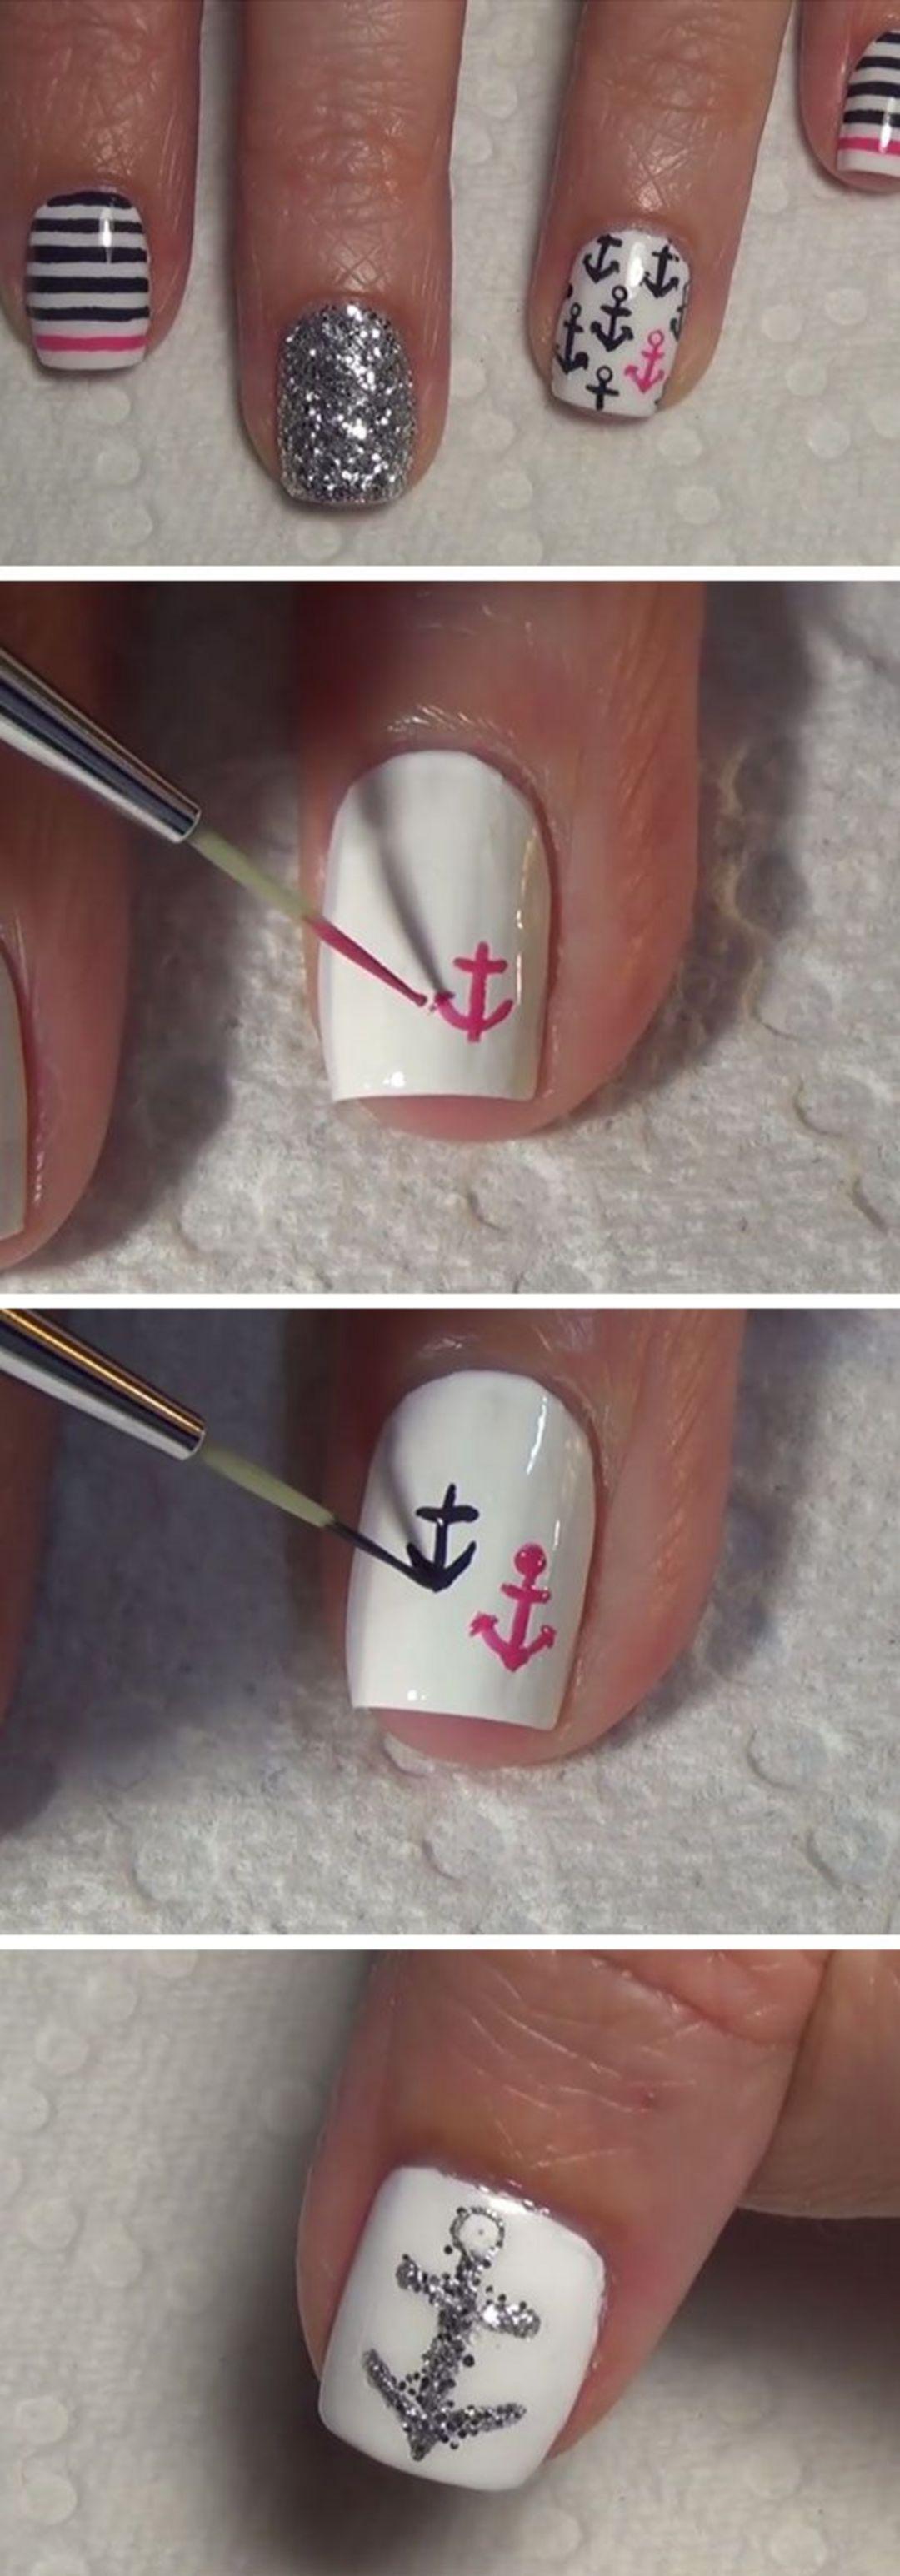 Pin by rori on summer nail arts in pinterest nails nail